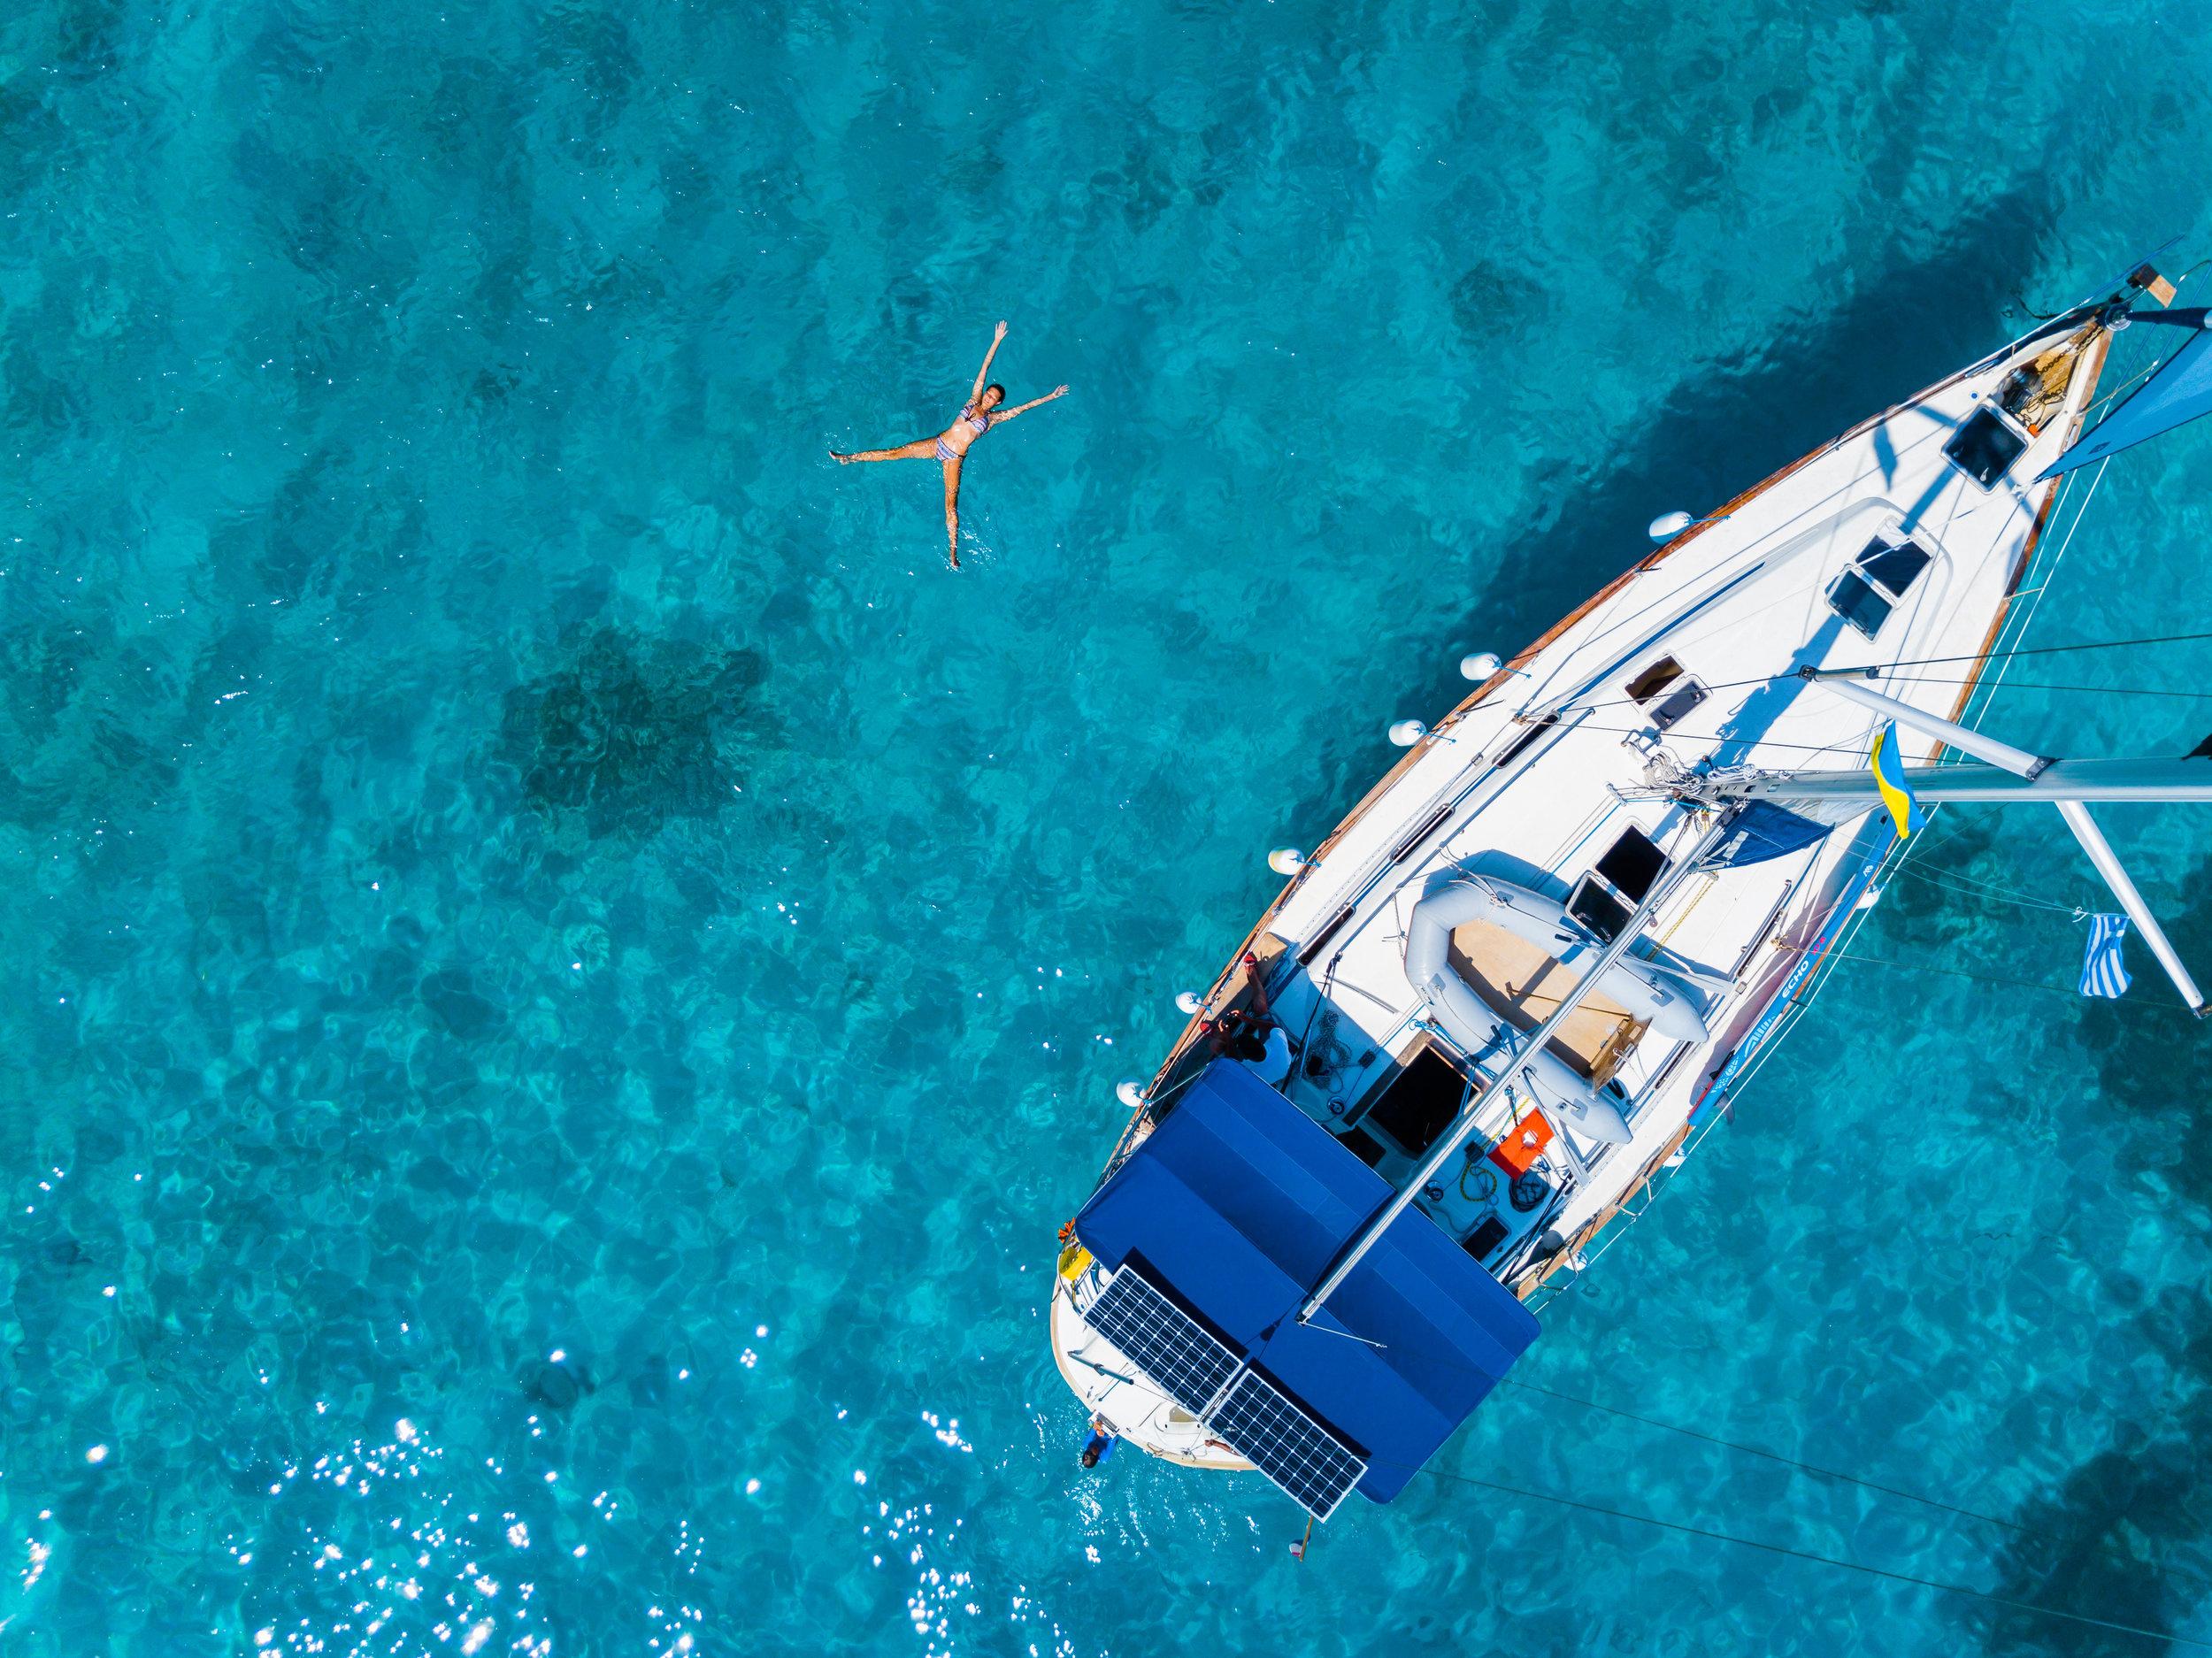 SEA SUN SILK Acrobatic Cruise - 13. - 20. July 2019 in Croatia